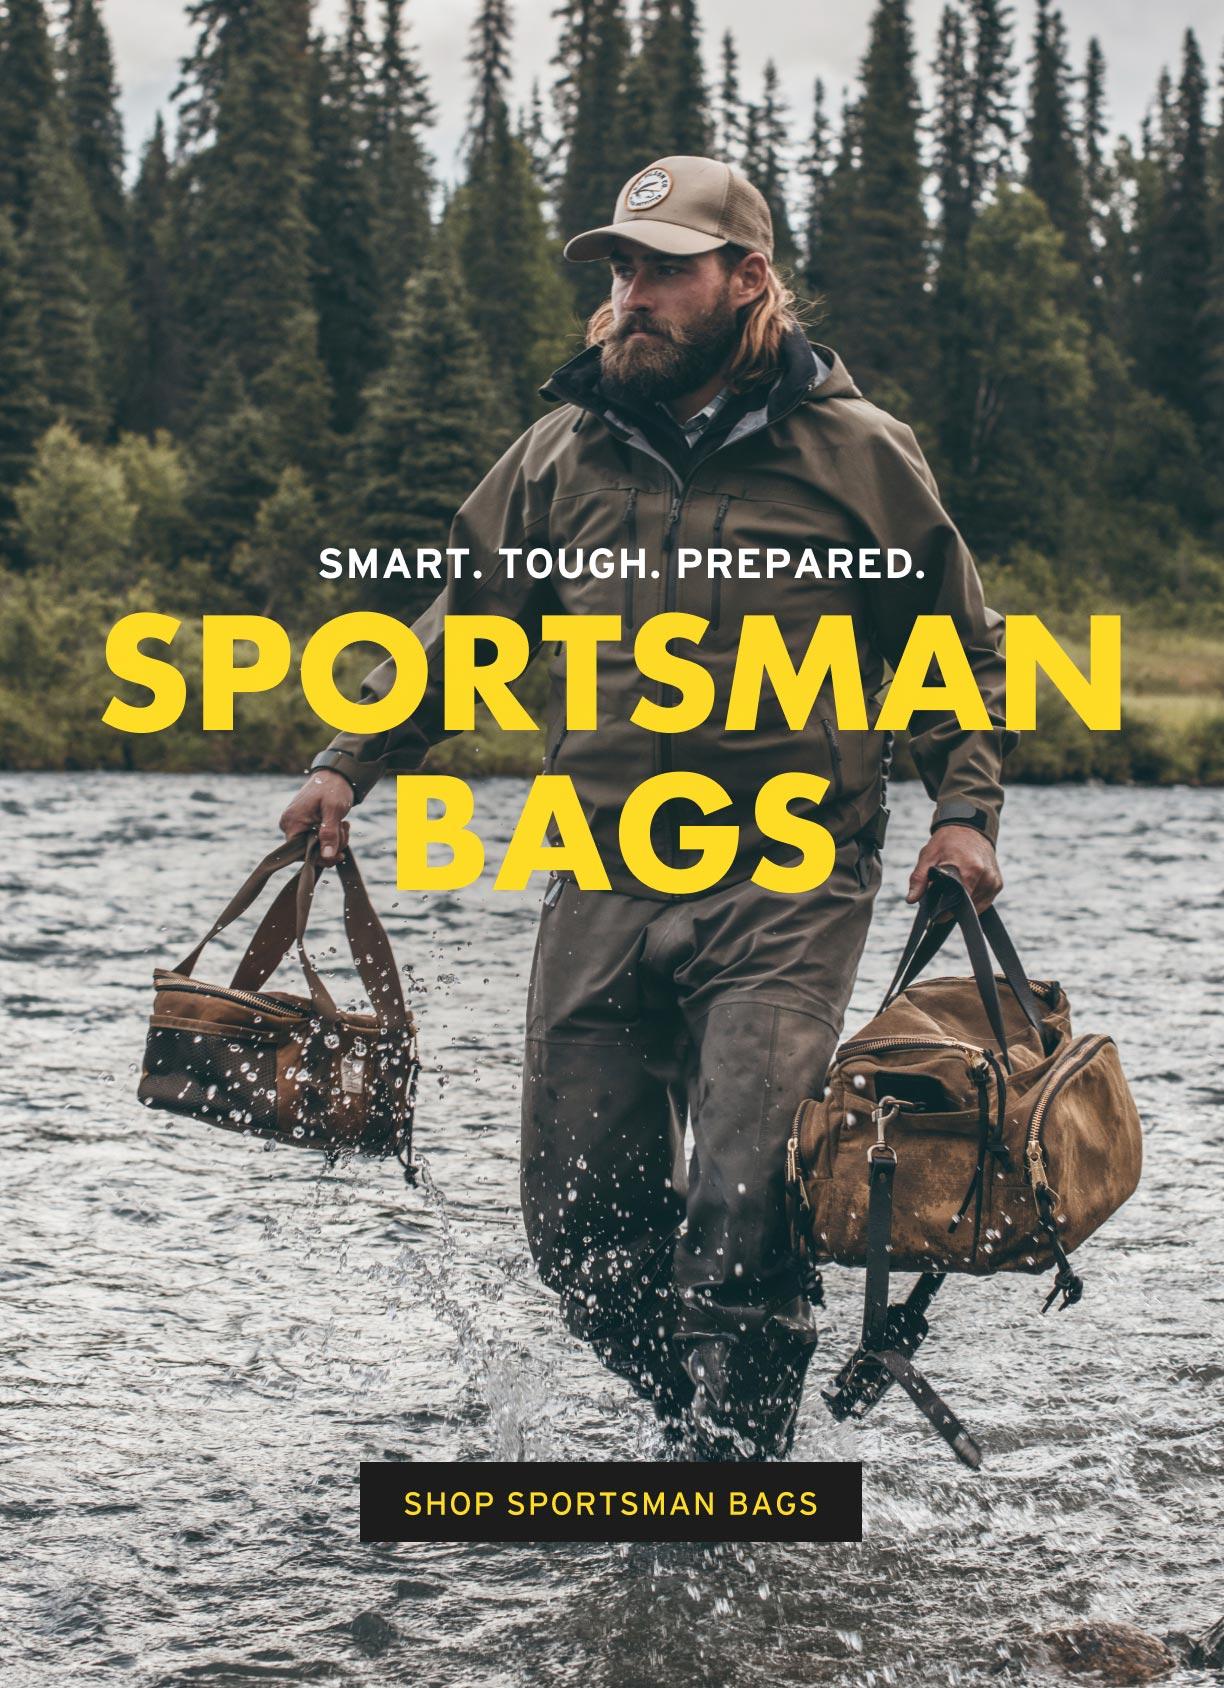 SHOP SPORTSMANS BAGS